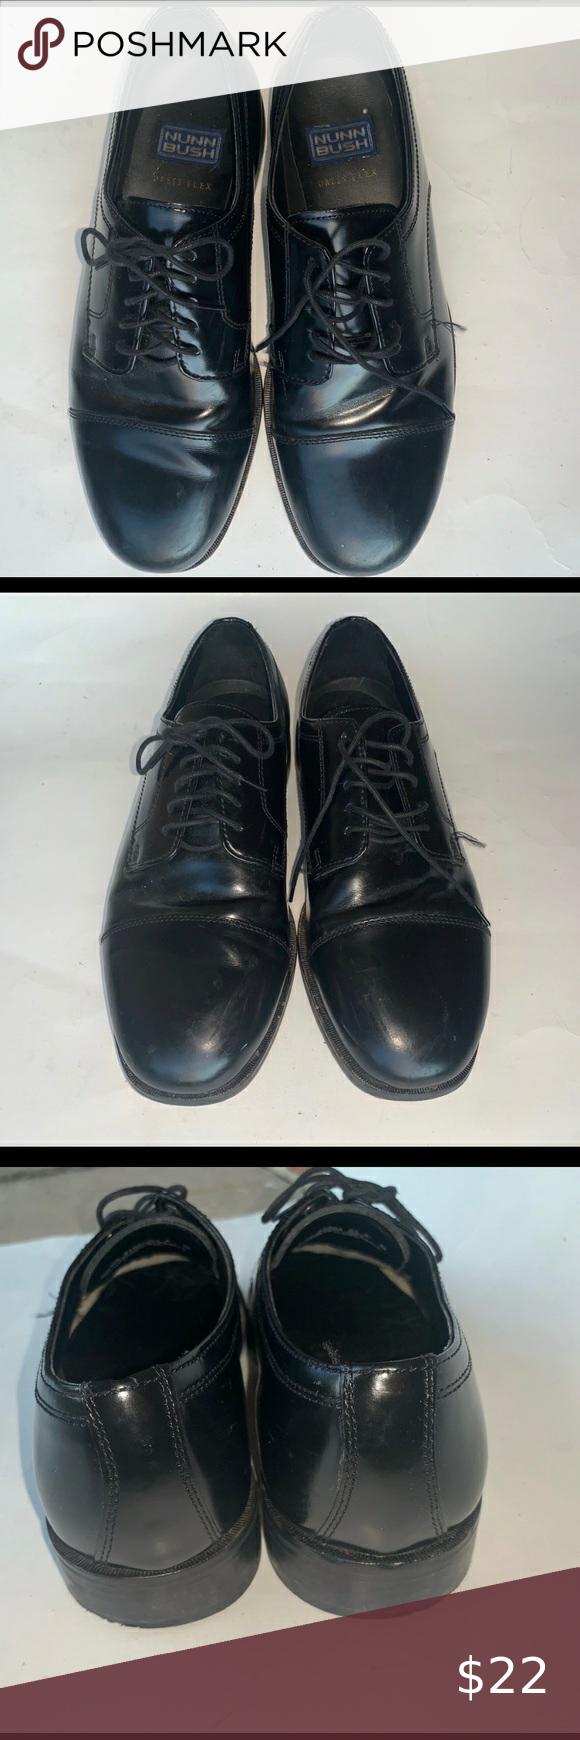 Nunn Bush Black Dress Shoes 8size In Excellent Condition Black Dress Shoes For Men Mad Mens Brown Leather Shoes Leather Oxford Shoes Black Leather Shoes [ 1740 x 580 Pixel ]